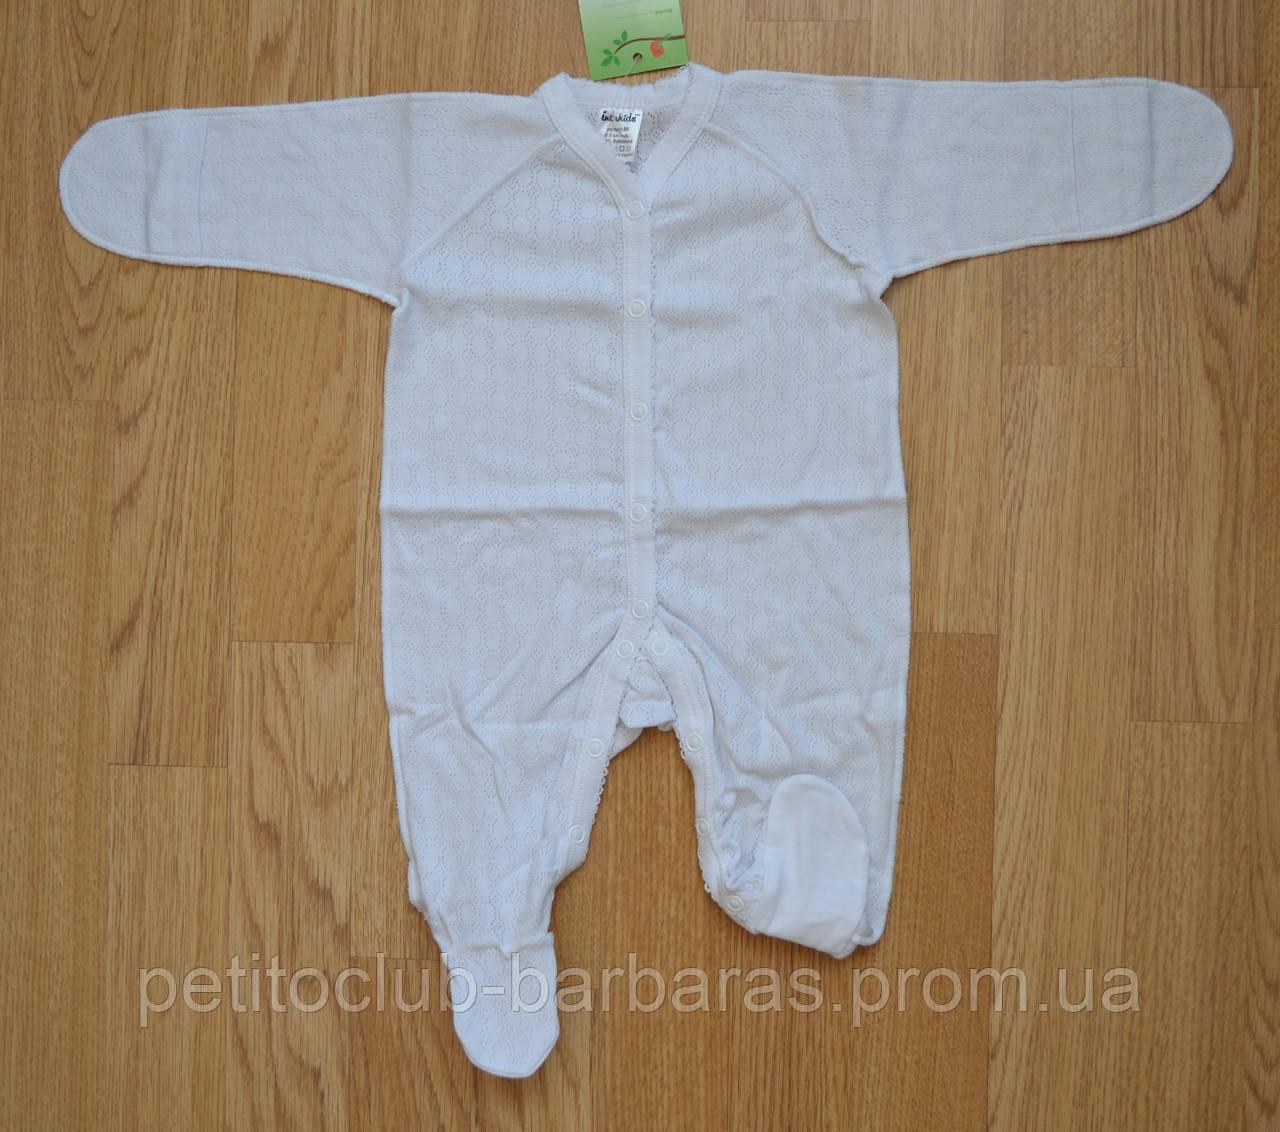 Летний человечек для девочки АЖУР с наружными швами белый